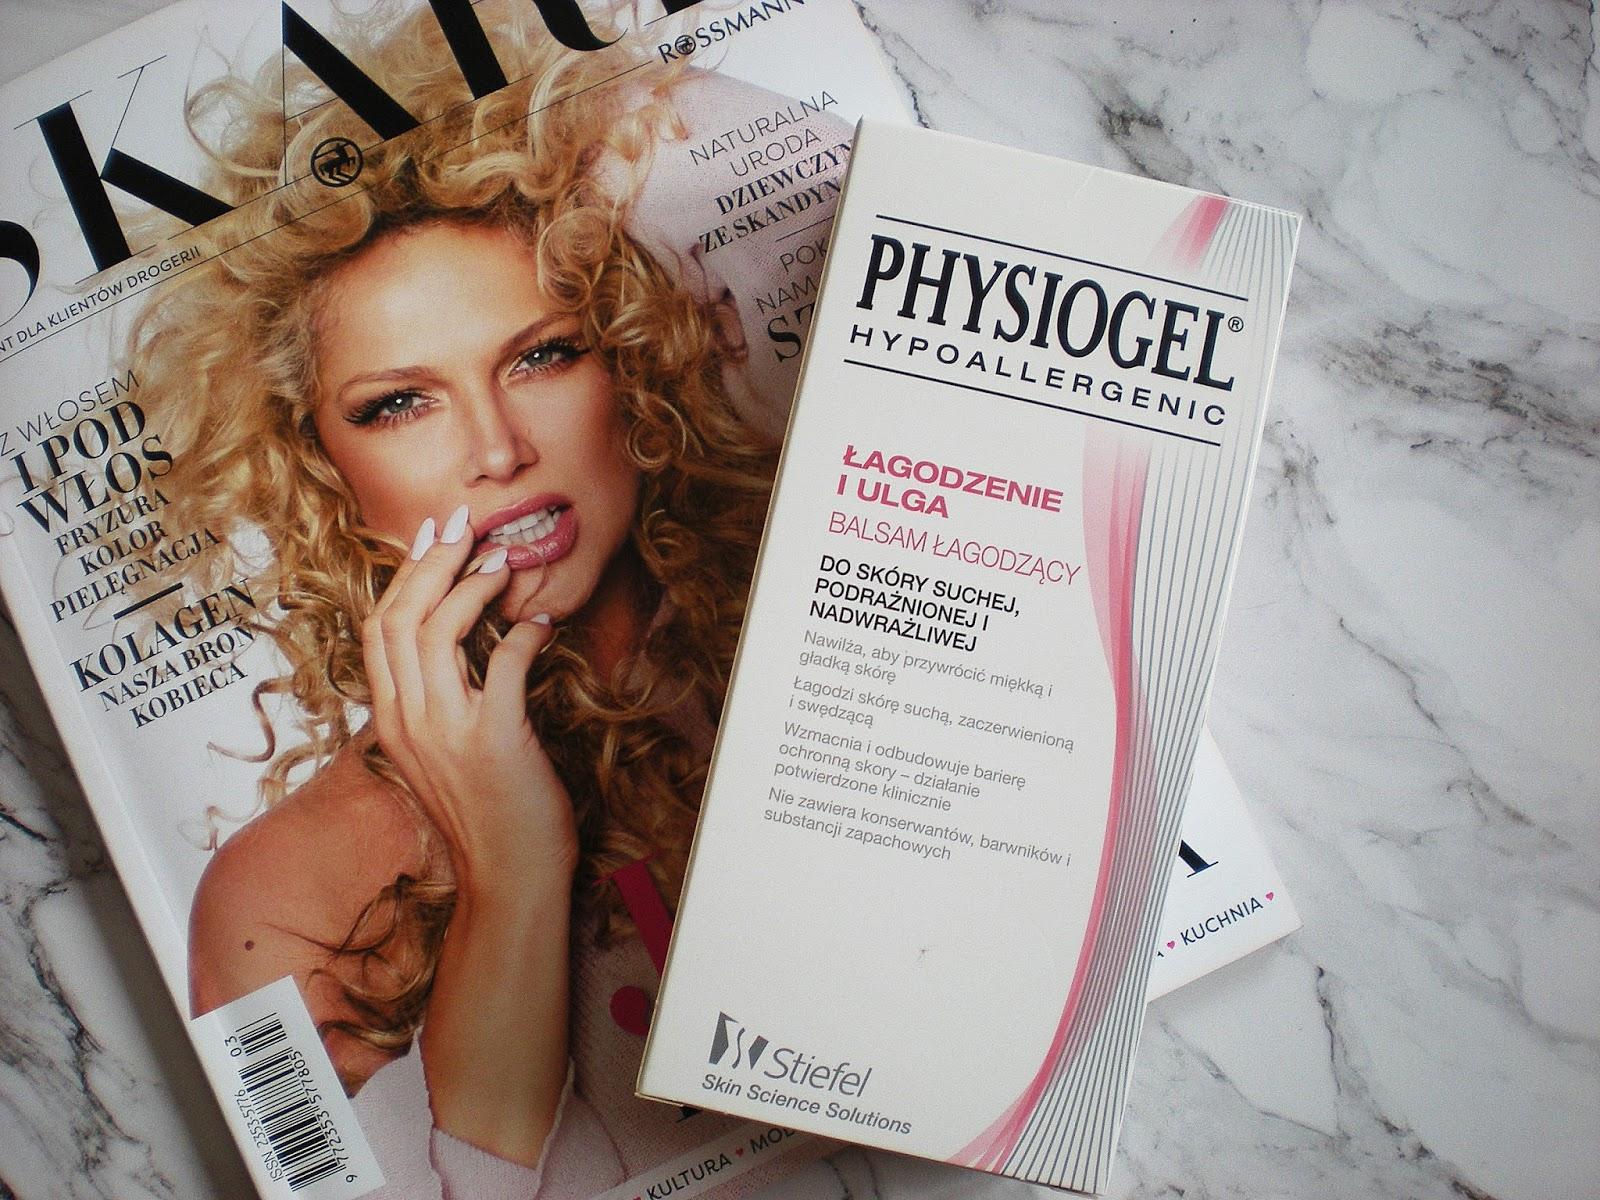 Balsam łagodzący Physiogel - ratunek dla suchej skóry?